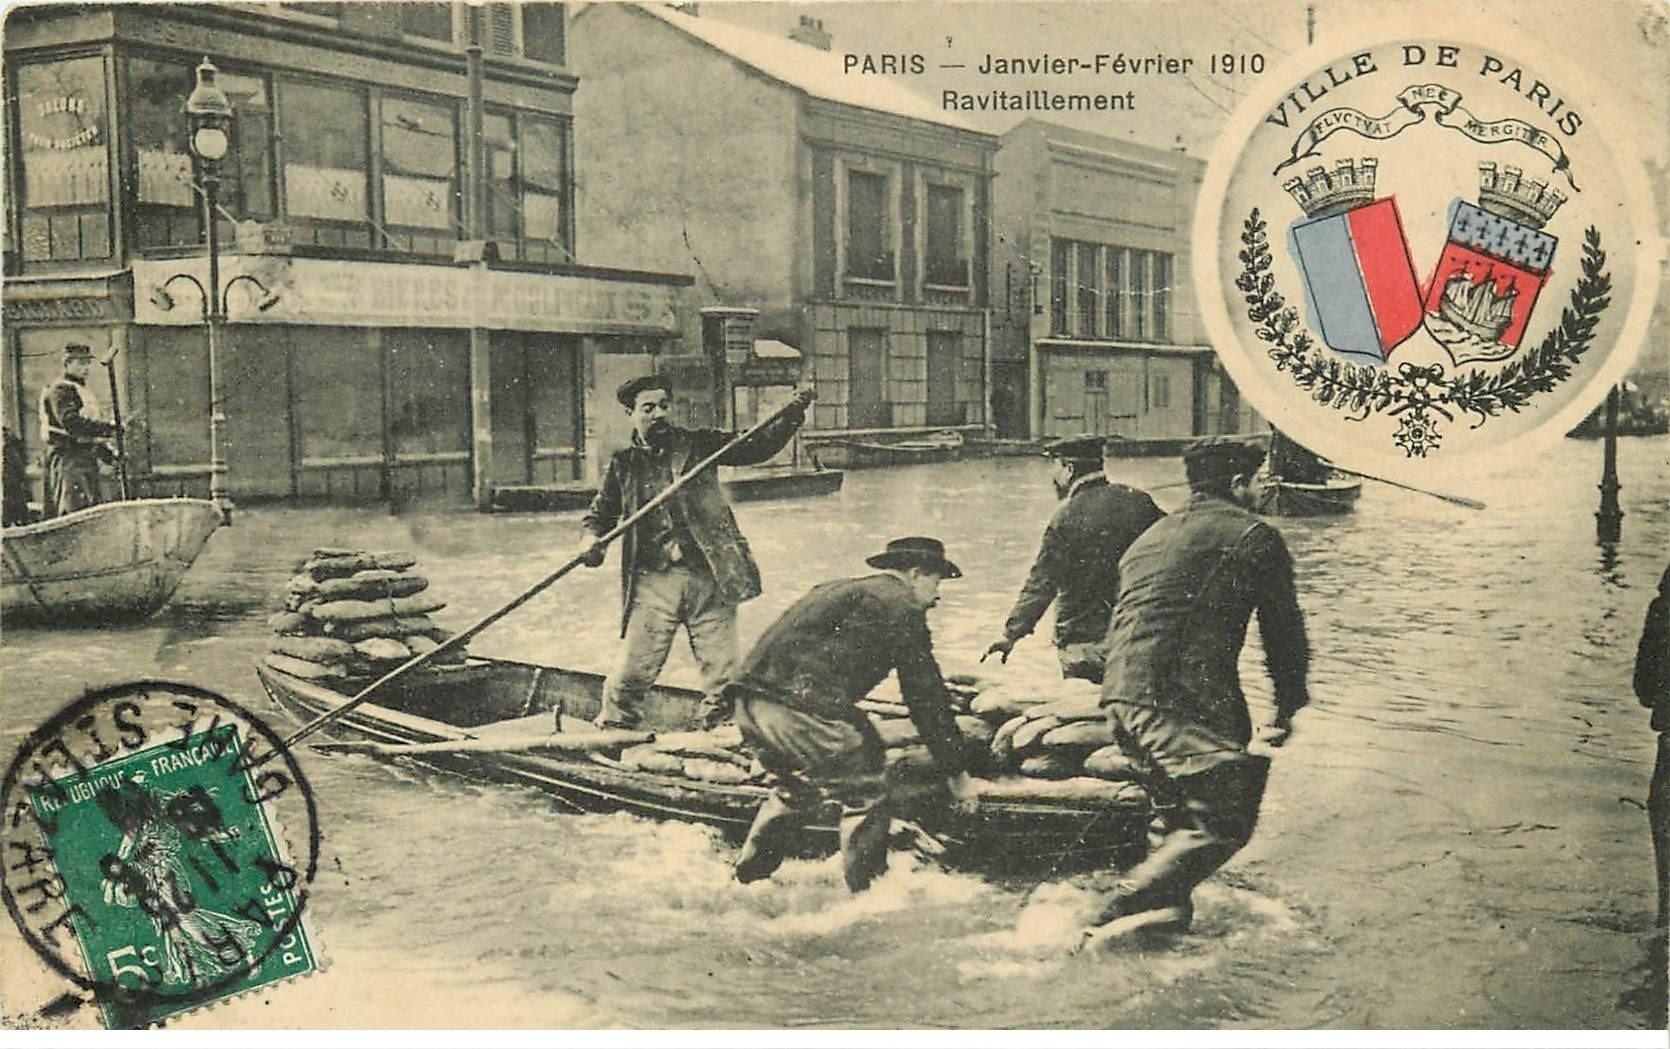 carte postale ancienne Inondation et Crue de PARIS 1910. Ravitaillement en barque. Edition B.G